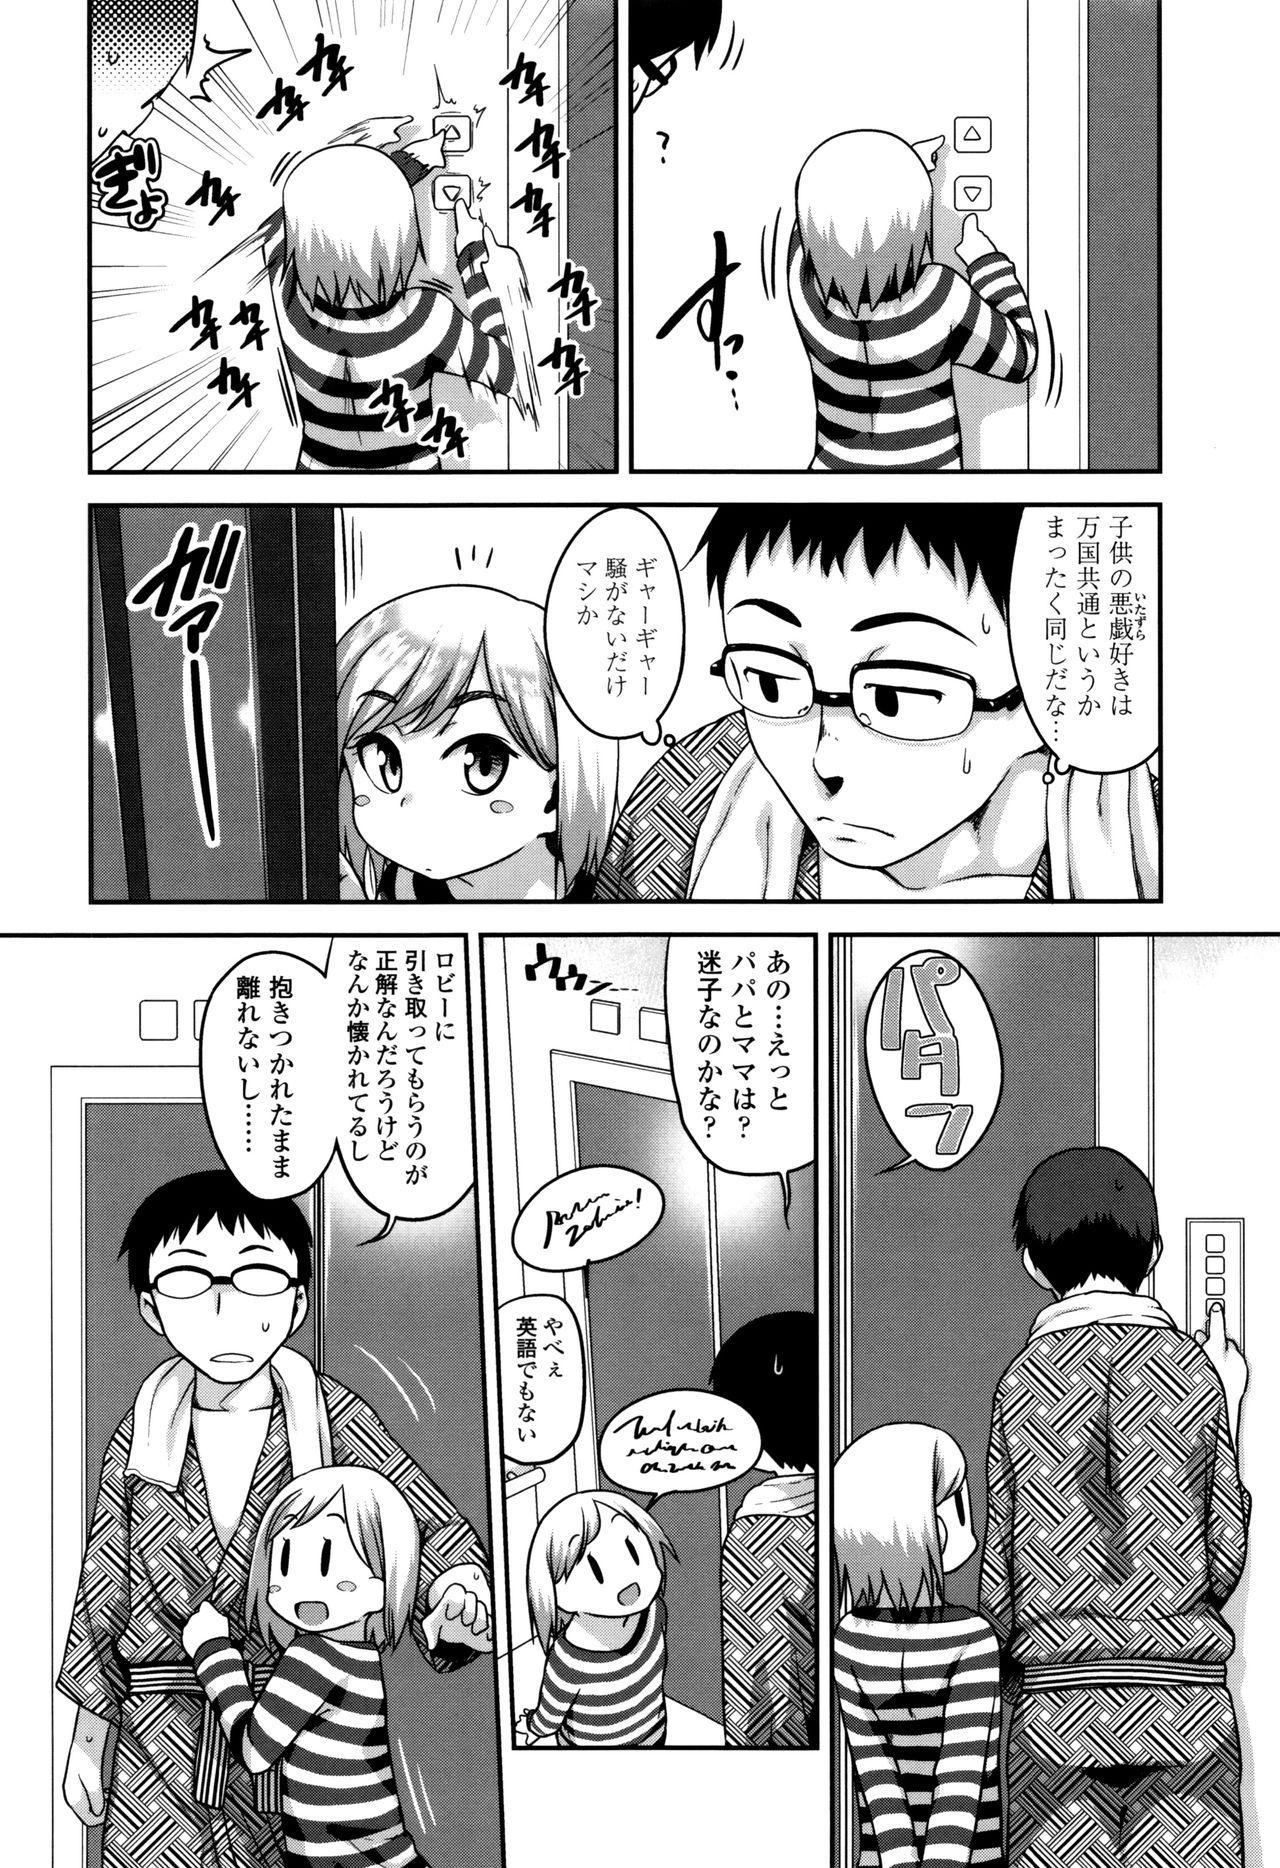 Gekou Jikoku ni Yarimashita. 160